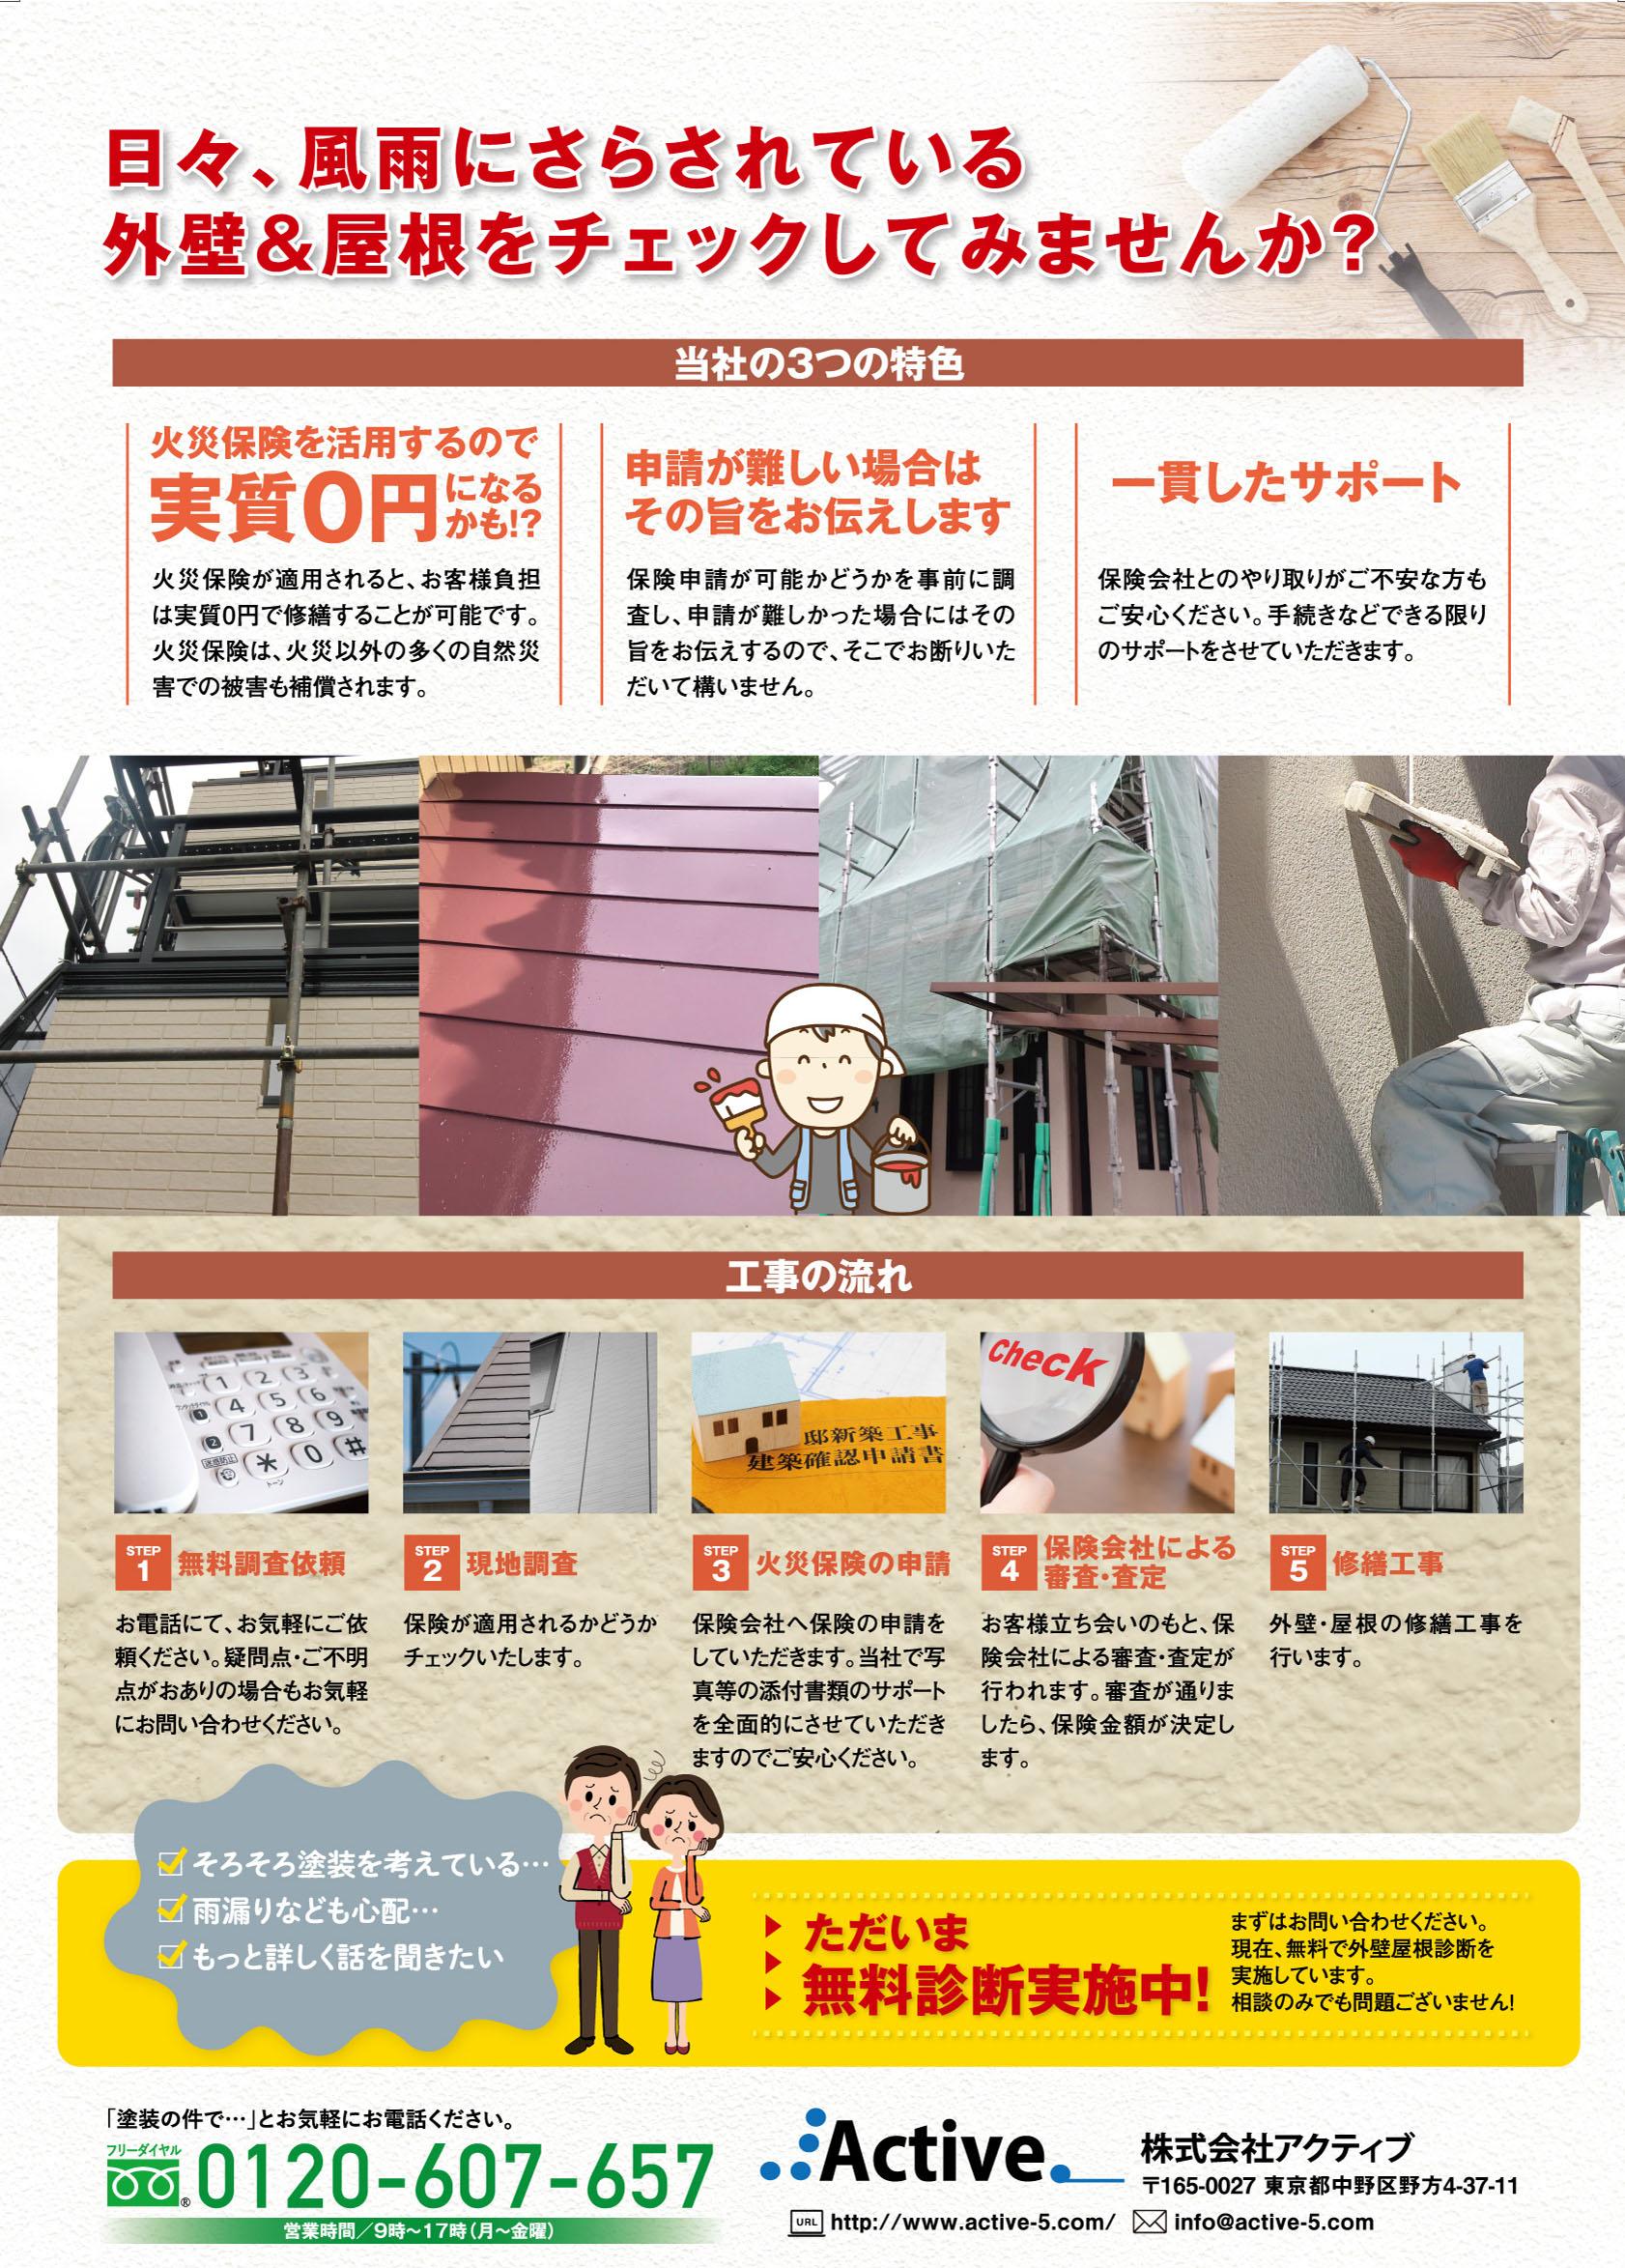 屋根修繕チラシデザイン